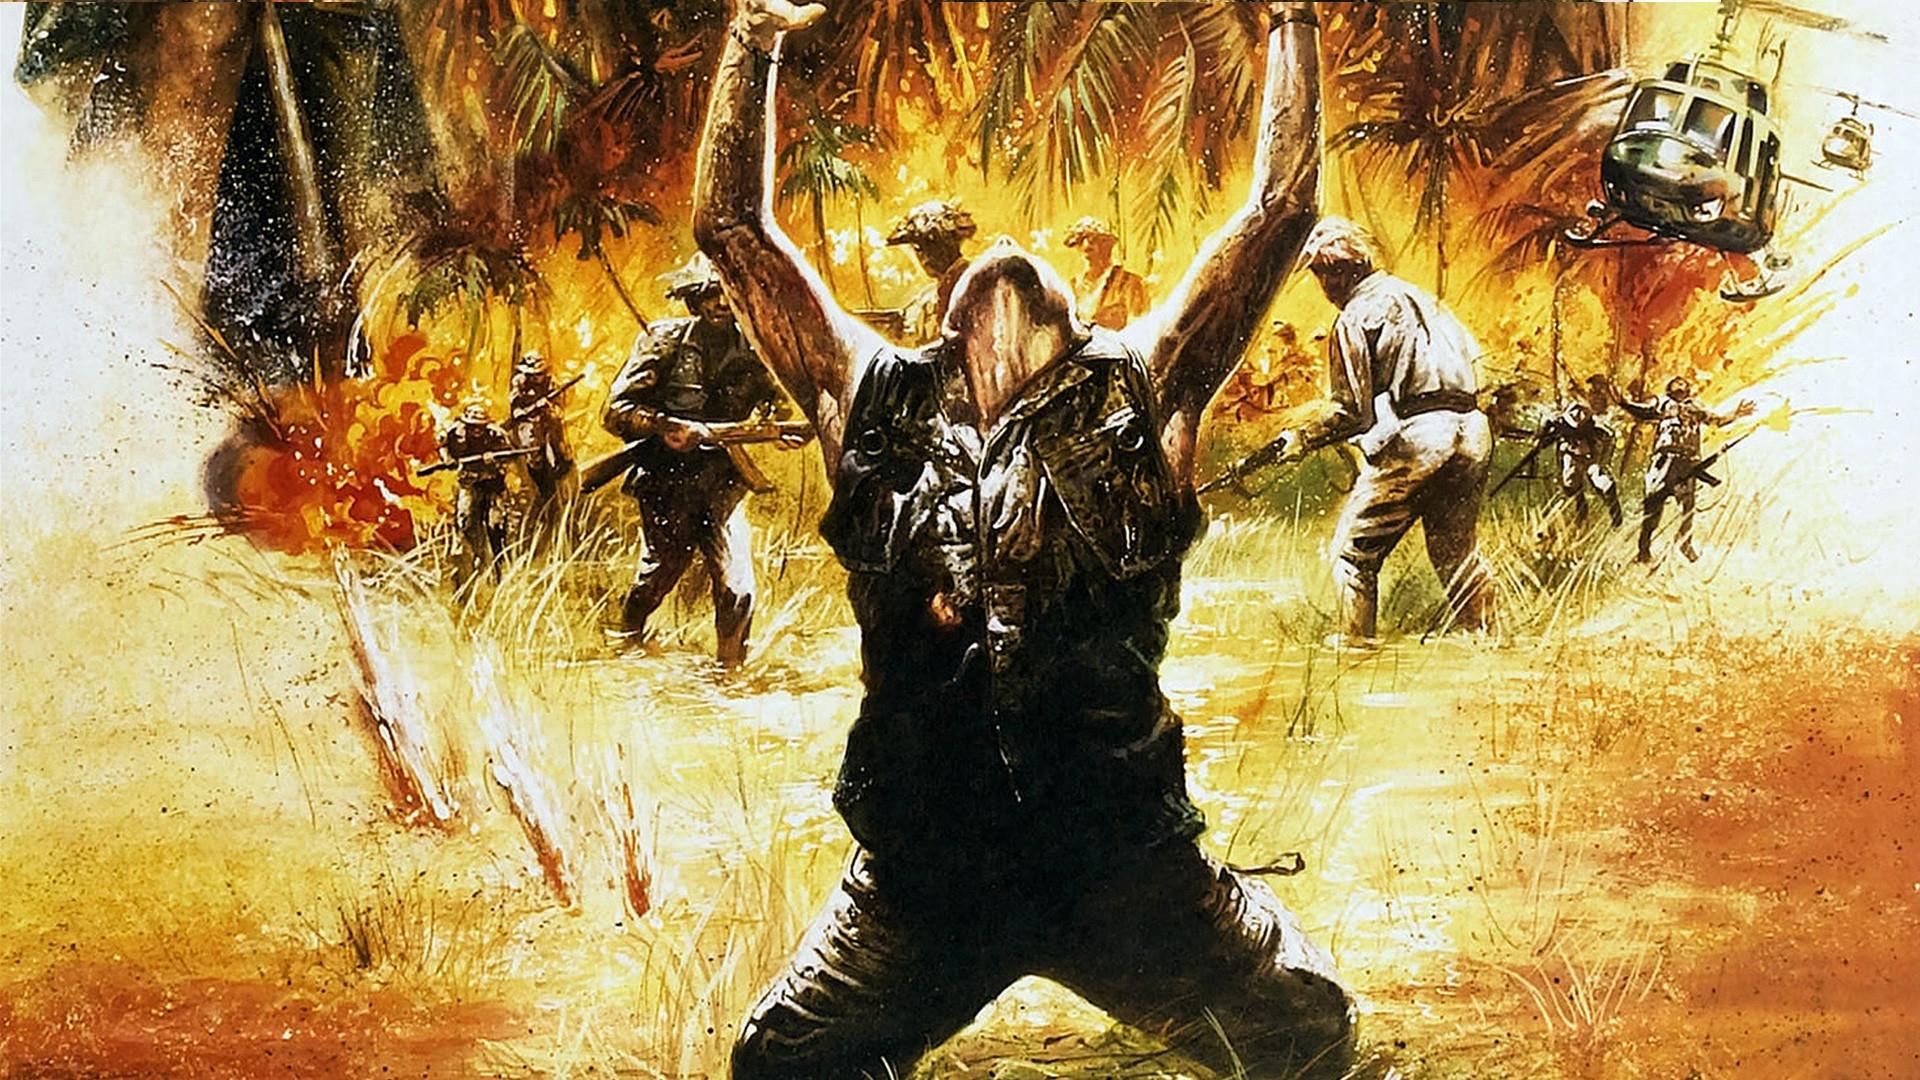 Masaüstü Erkekler Boyama Savaş Asker Platoon Sanat Ağaç